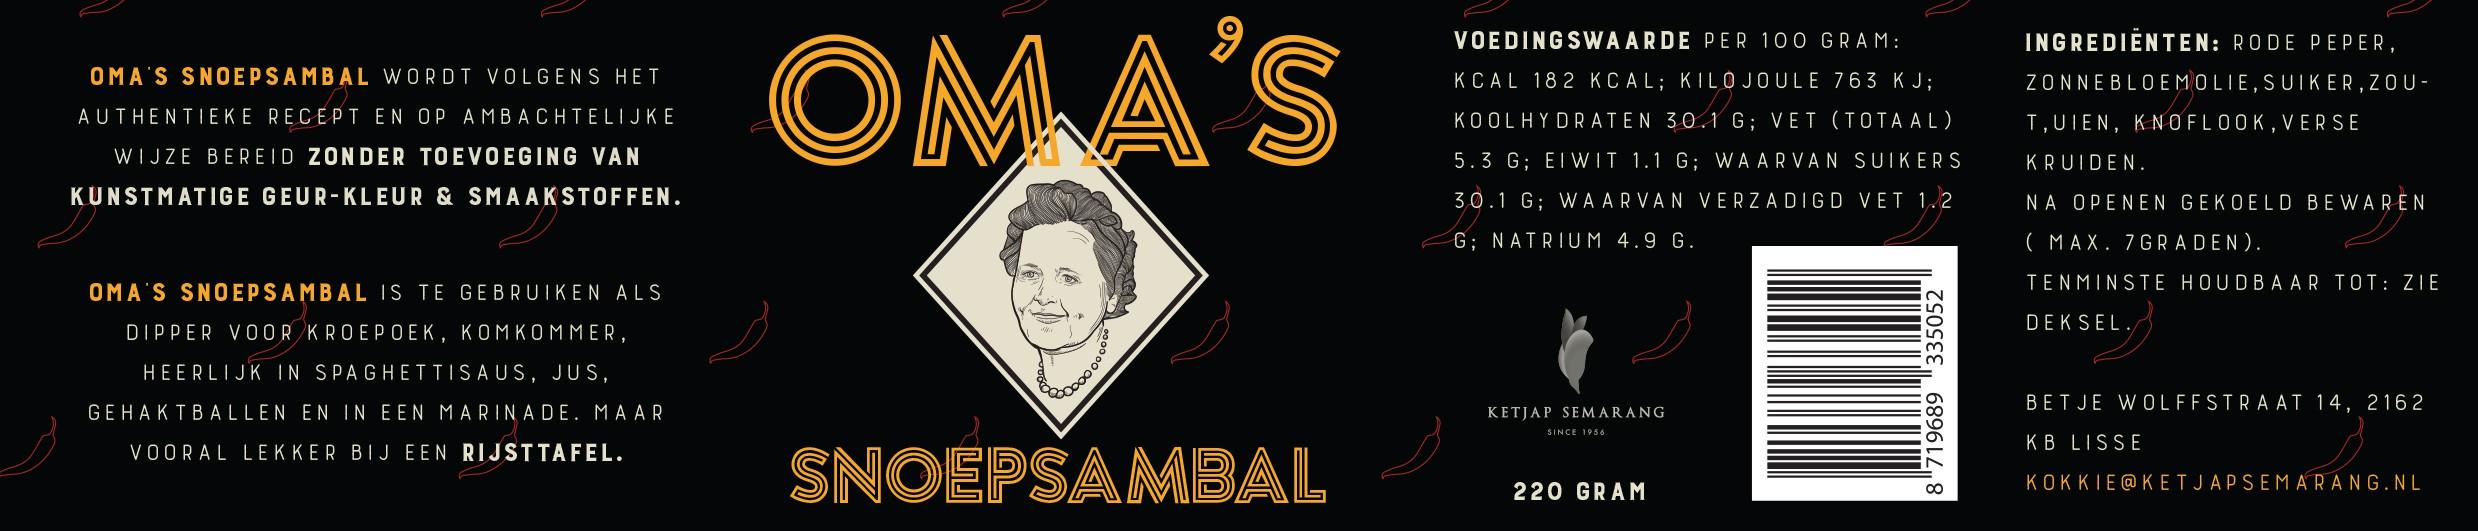 Oma's Snoepsambal wil een spetterend logo welke opvalt tussen andere sambals in de schappen